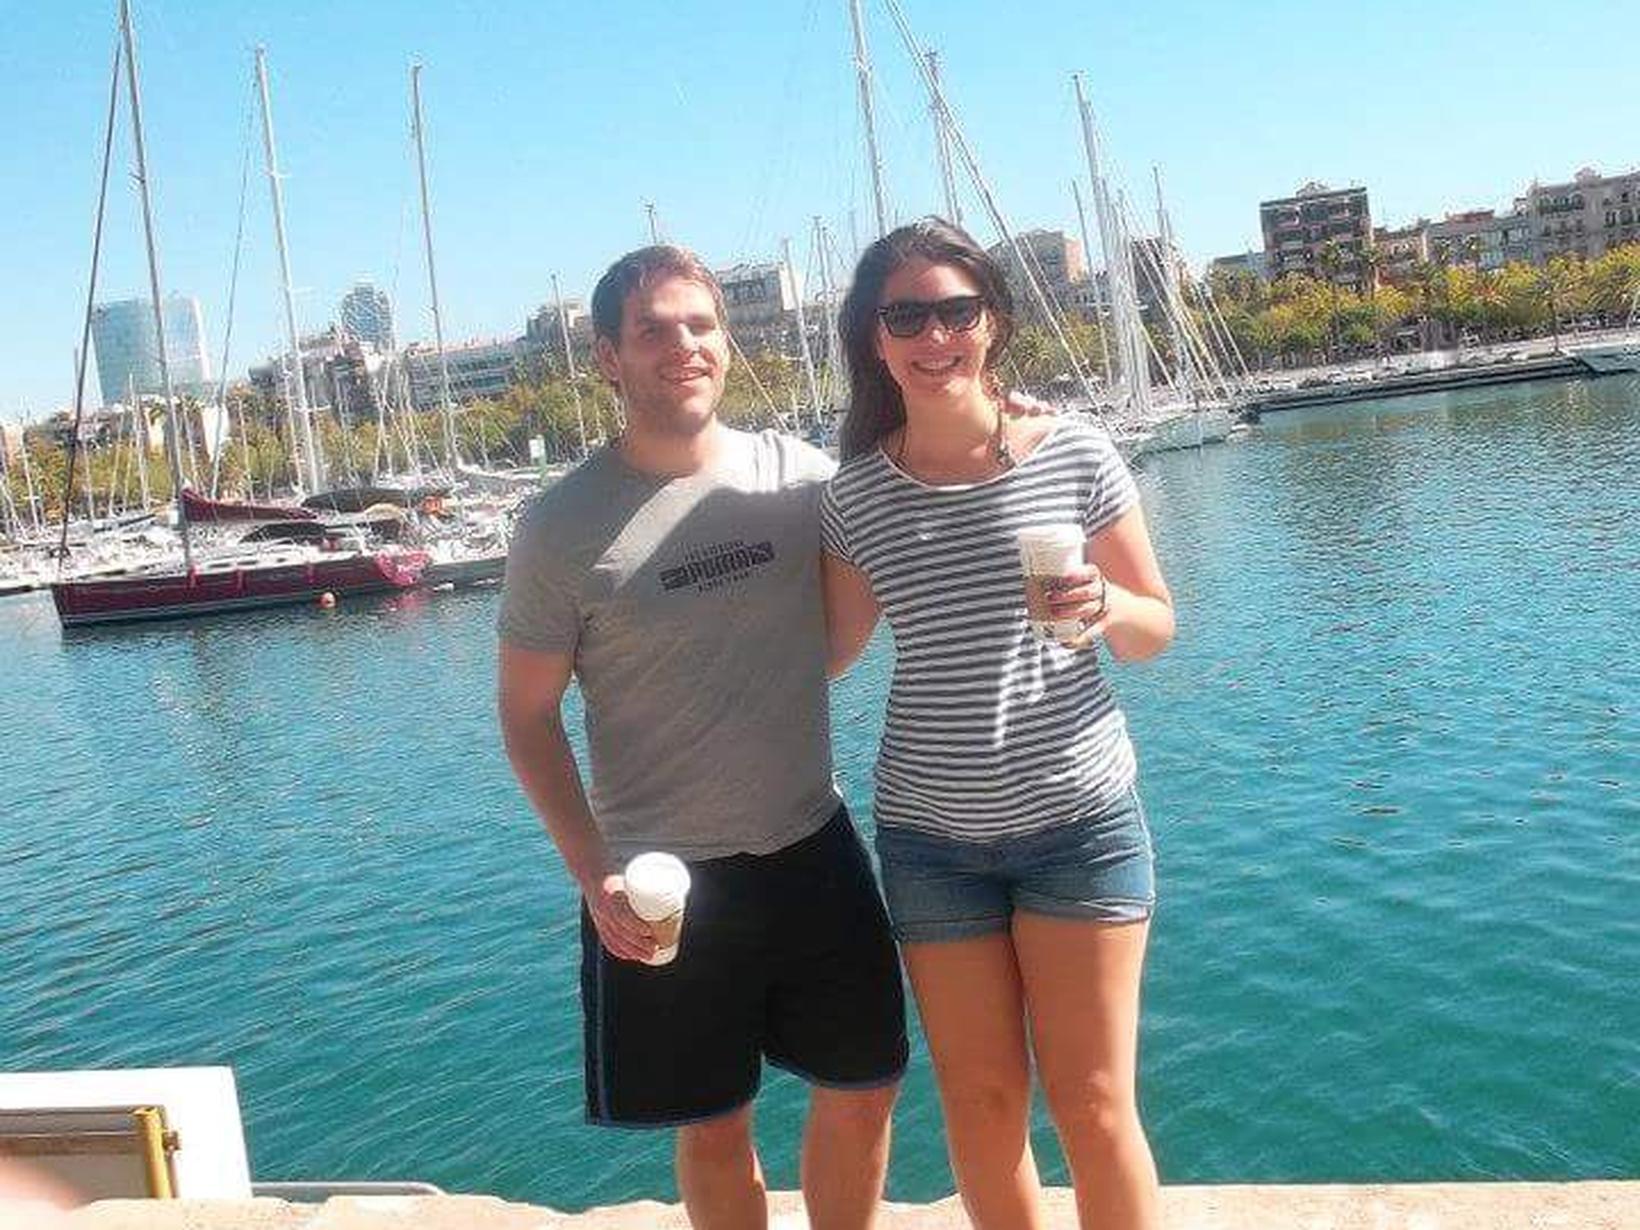 Åsa & Tommy from Stockholm, Sweden